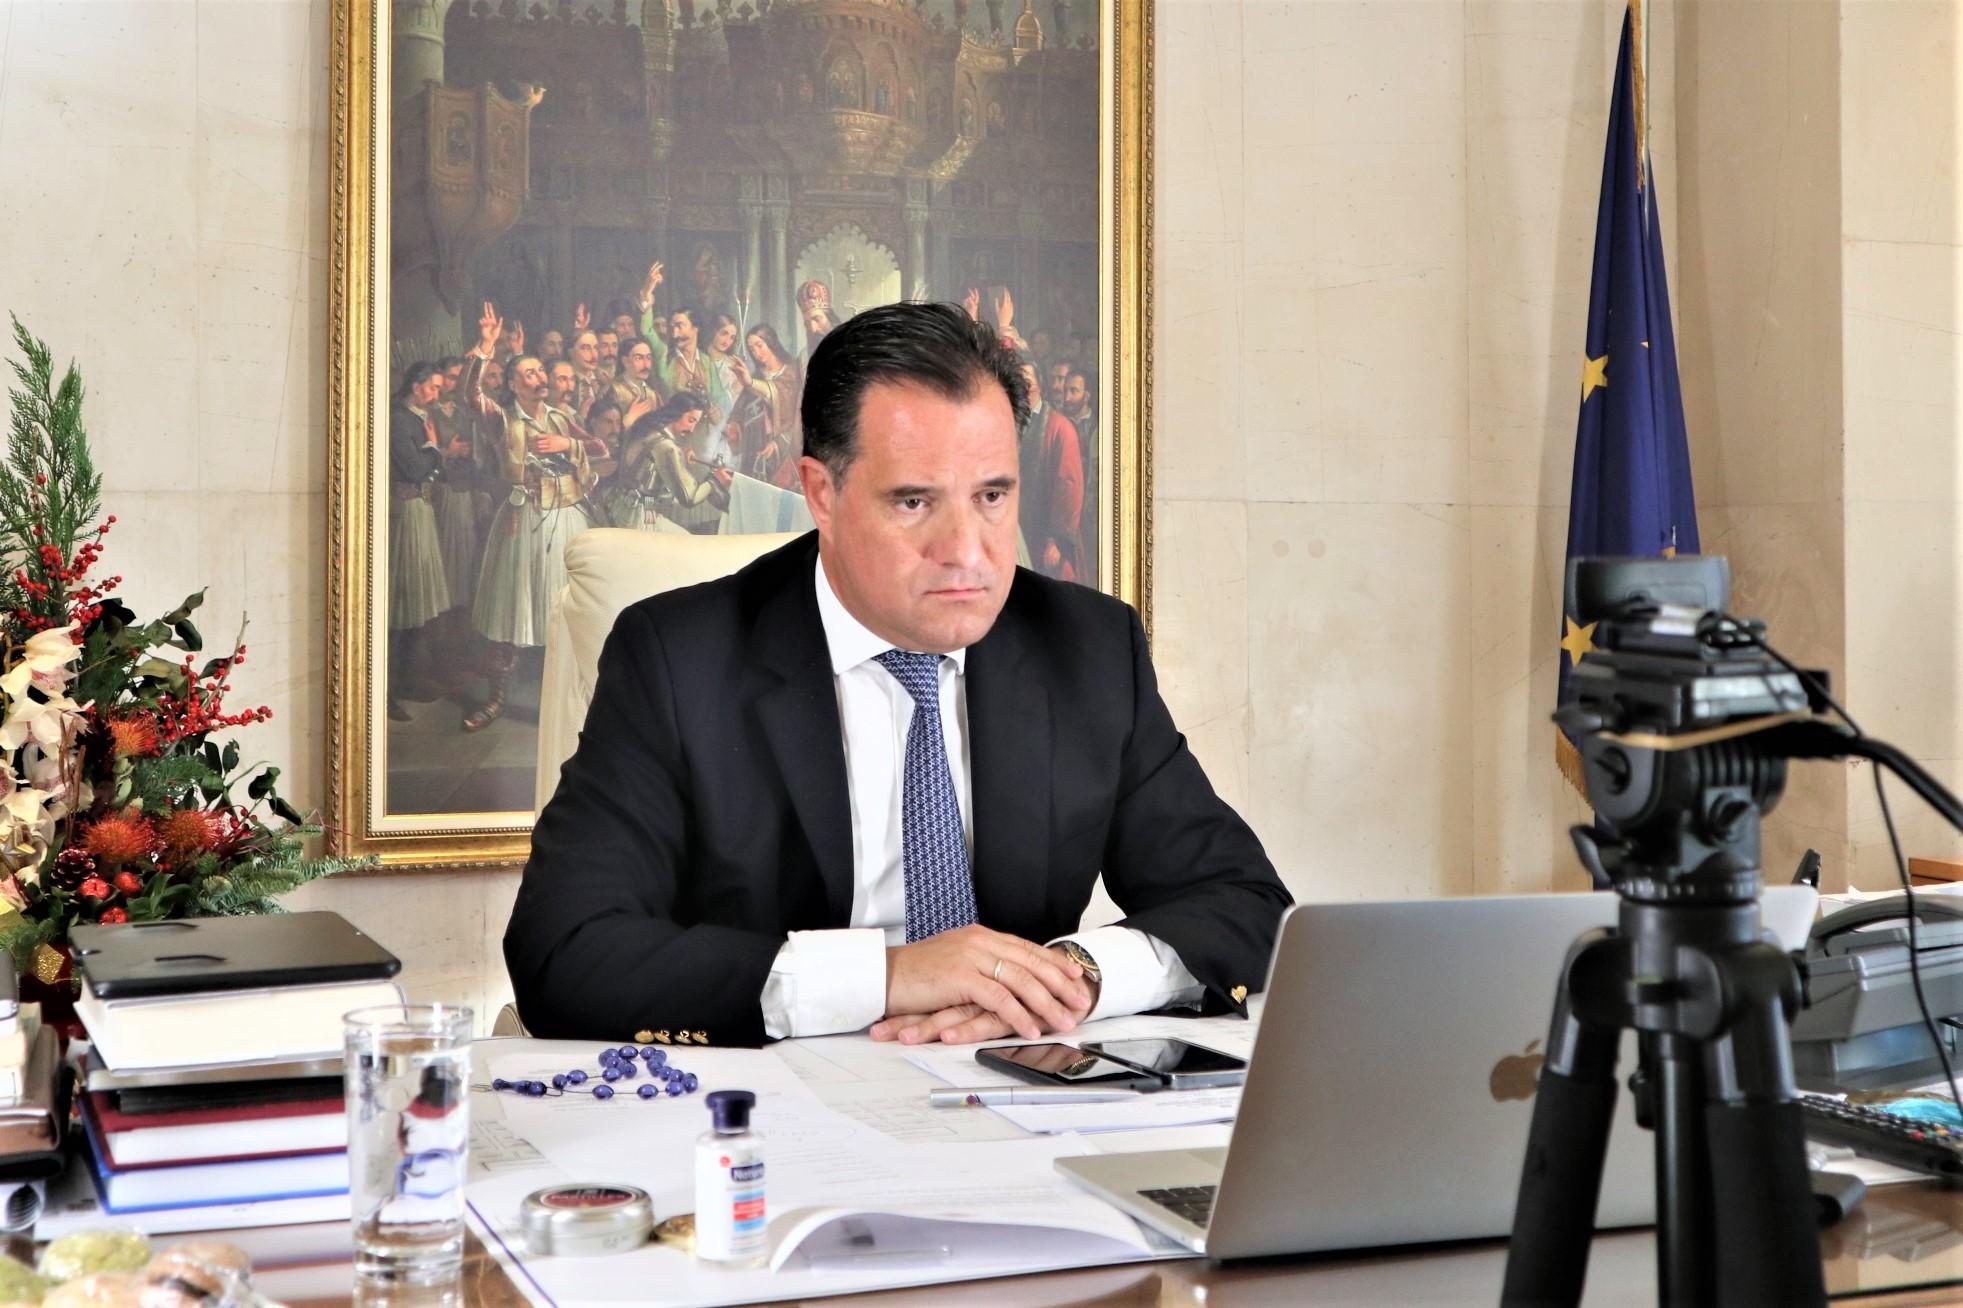 Γεωργιάδης: Ζητήσαμε να μπει «κόφτης» στα SMS αλλά οι εταιρείες αρνήθηκαν